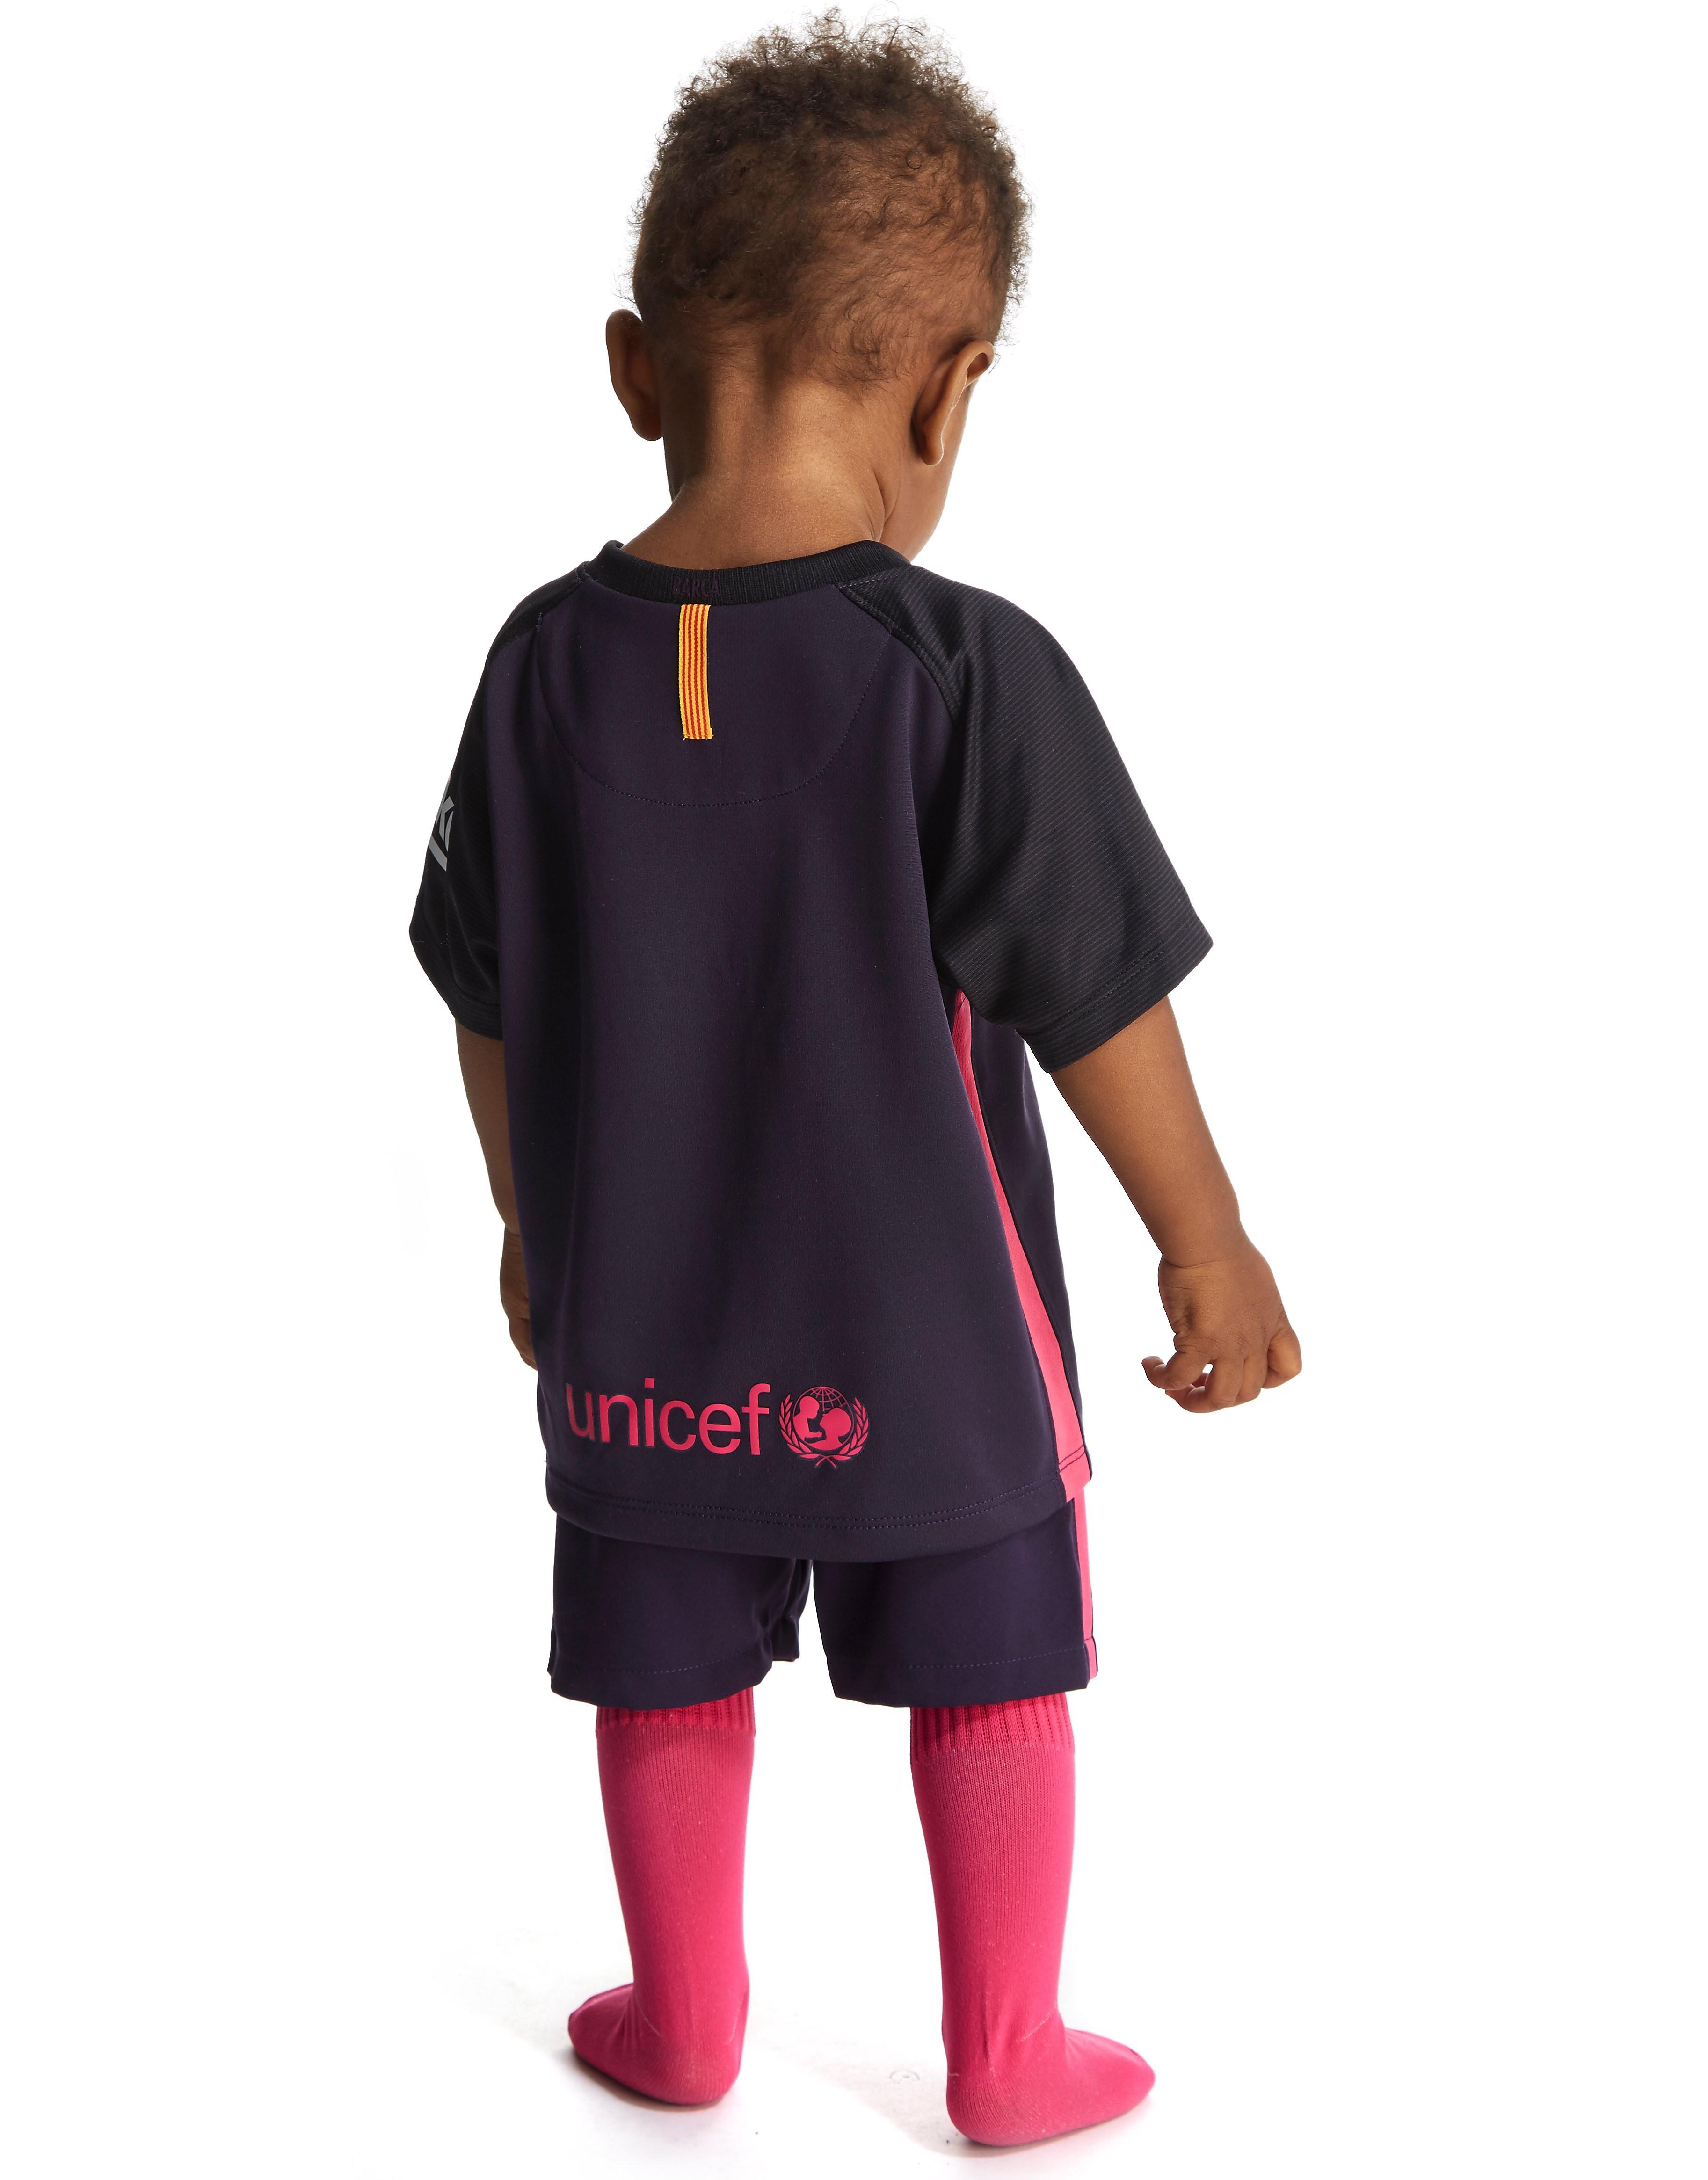 Nike FC Barcelona 2016/17 bortadräkt för baby